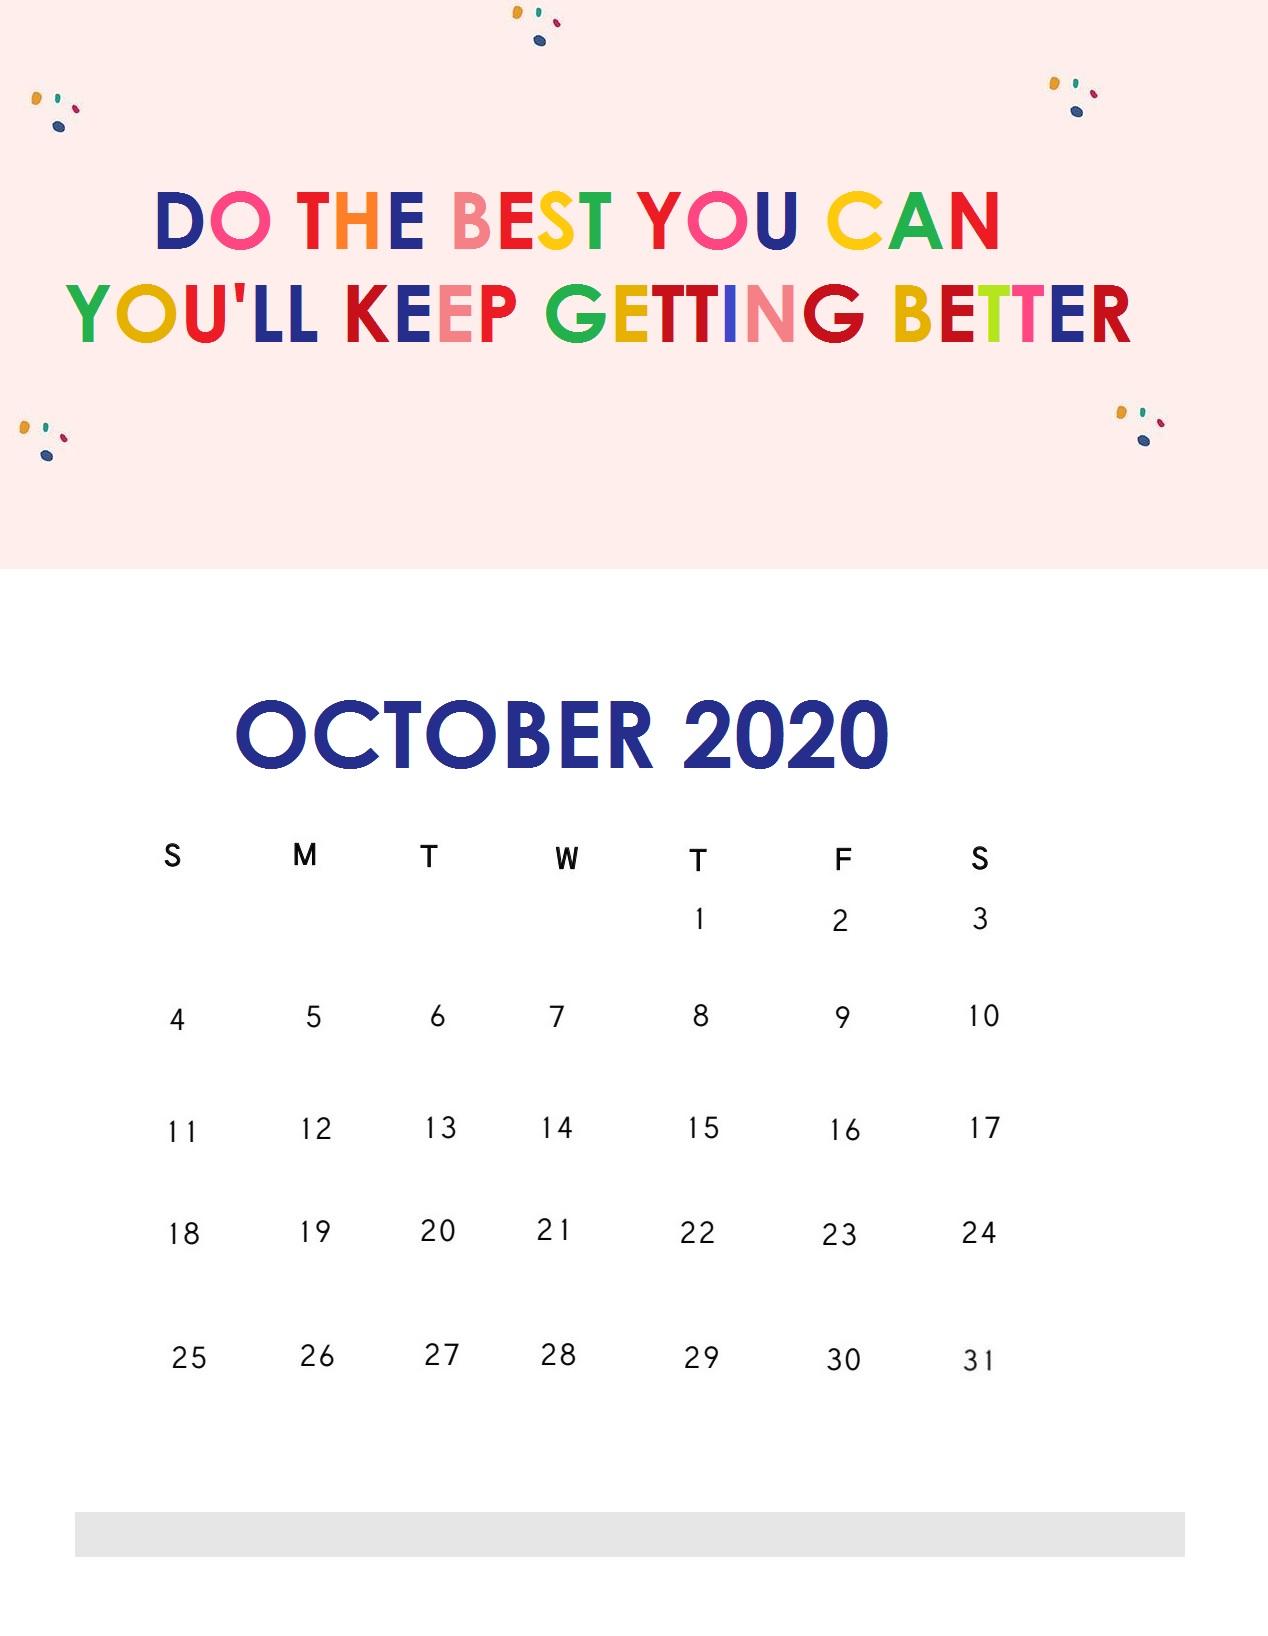 October 2020 Quotes Calendar